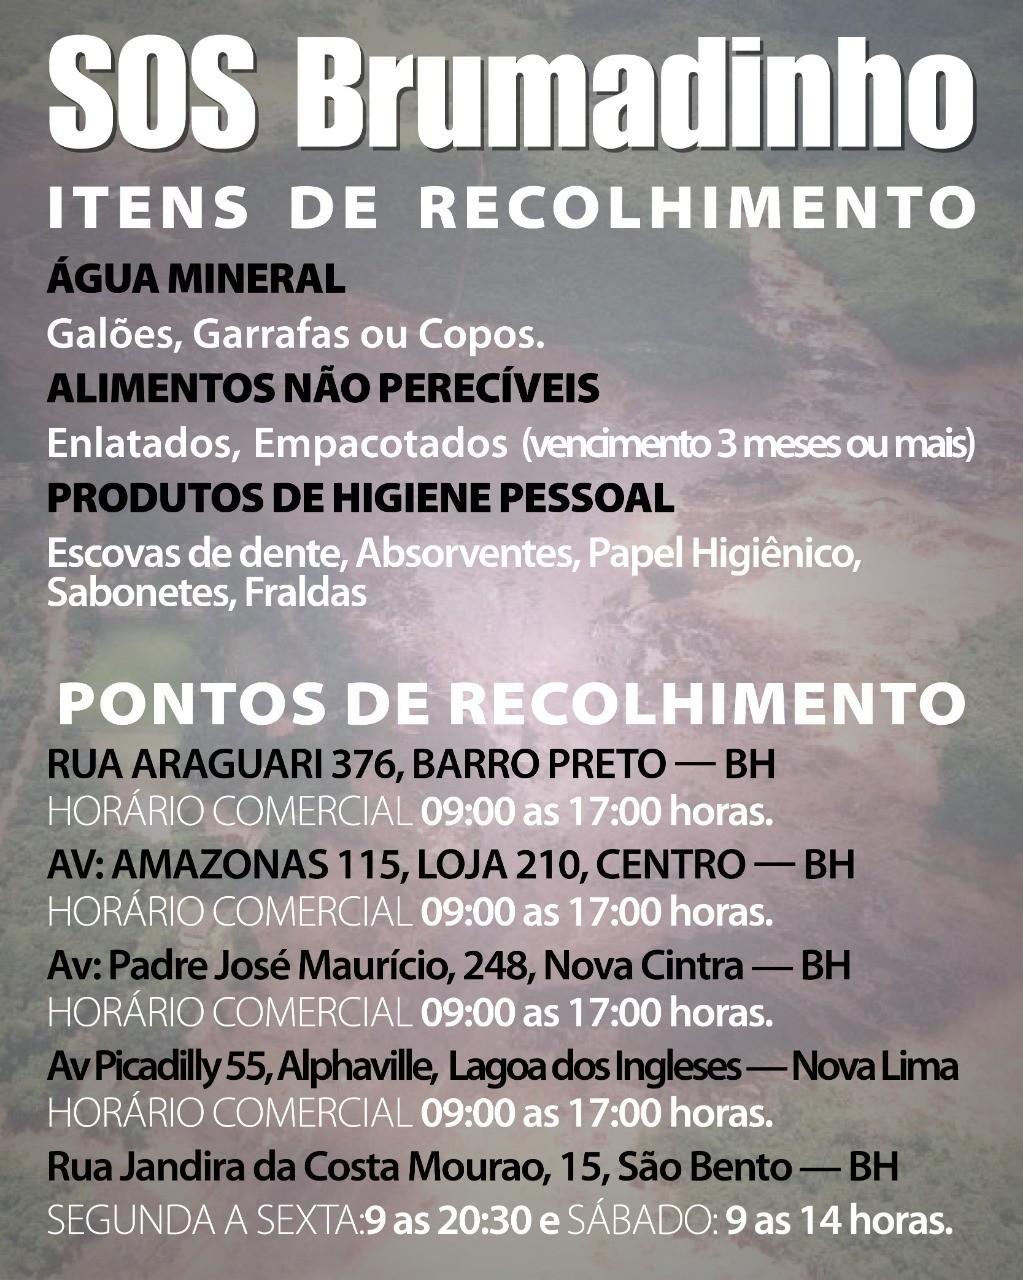 SOS Brumadinho (Foto: Reprodução)